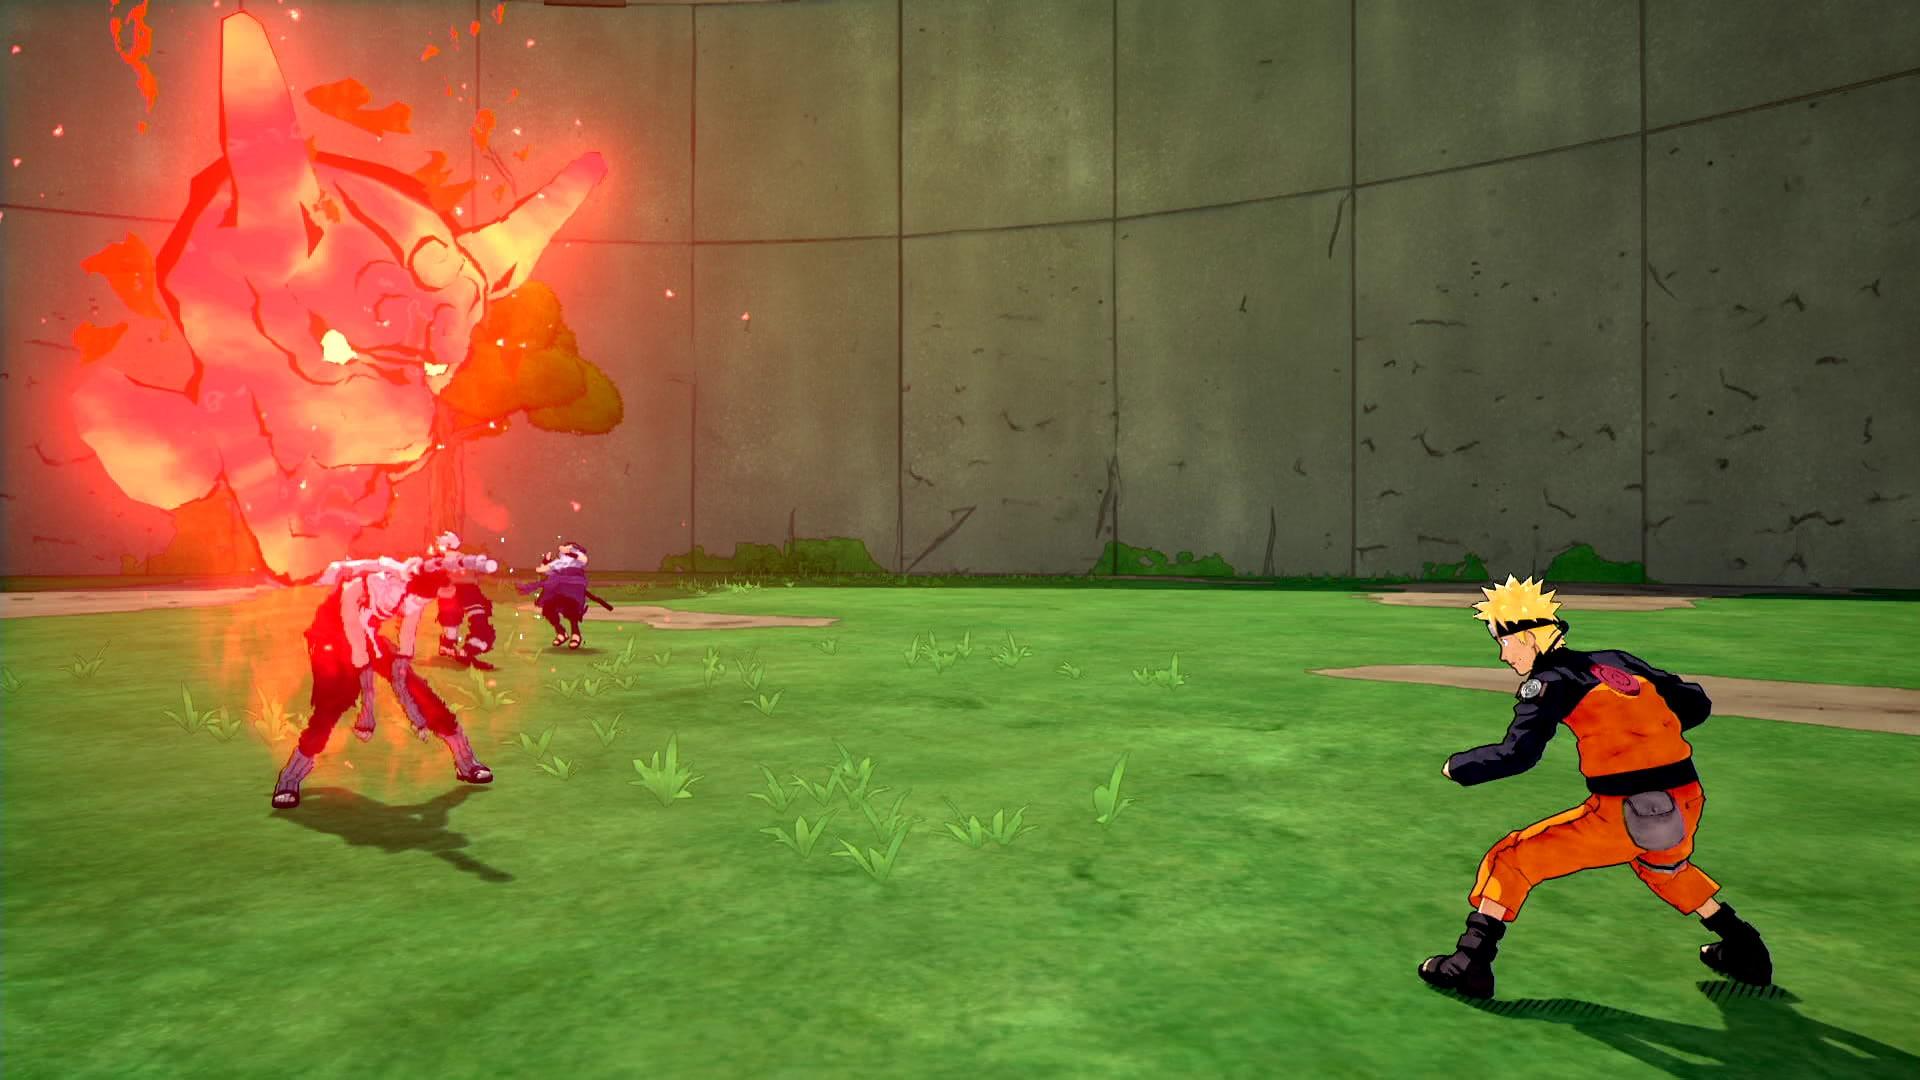 Naruto to Boruto: SHINOBI STRIKER Season Pass 2 (PC) - Steam Key - GLOBAL - 3